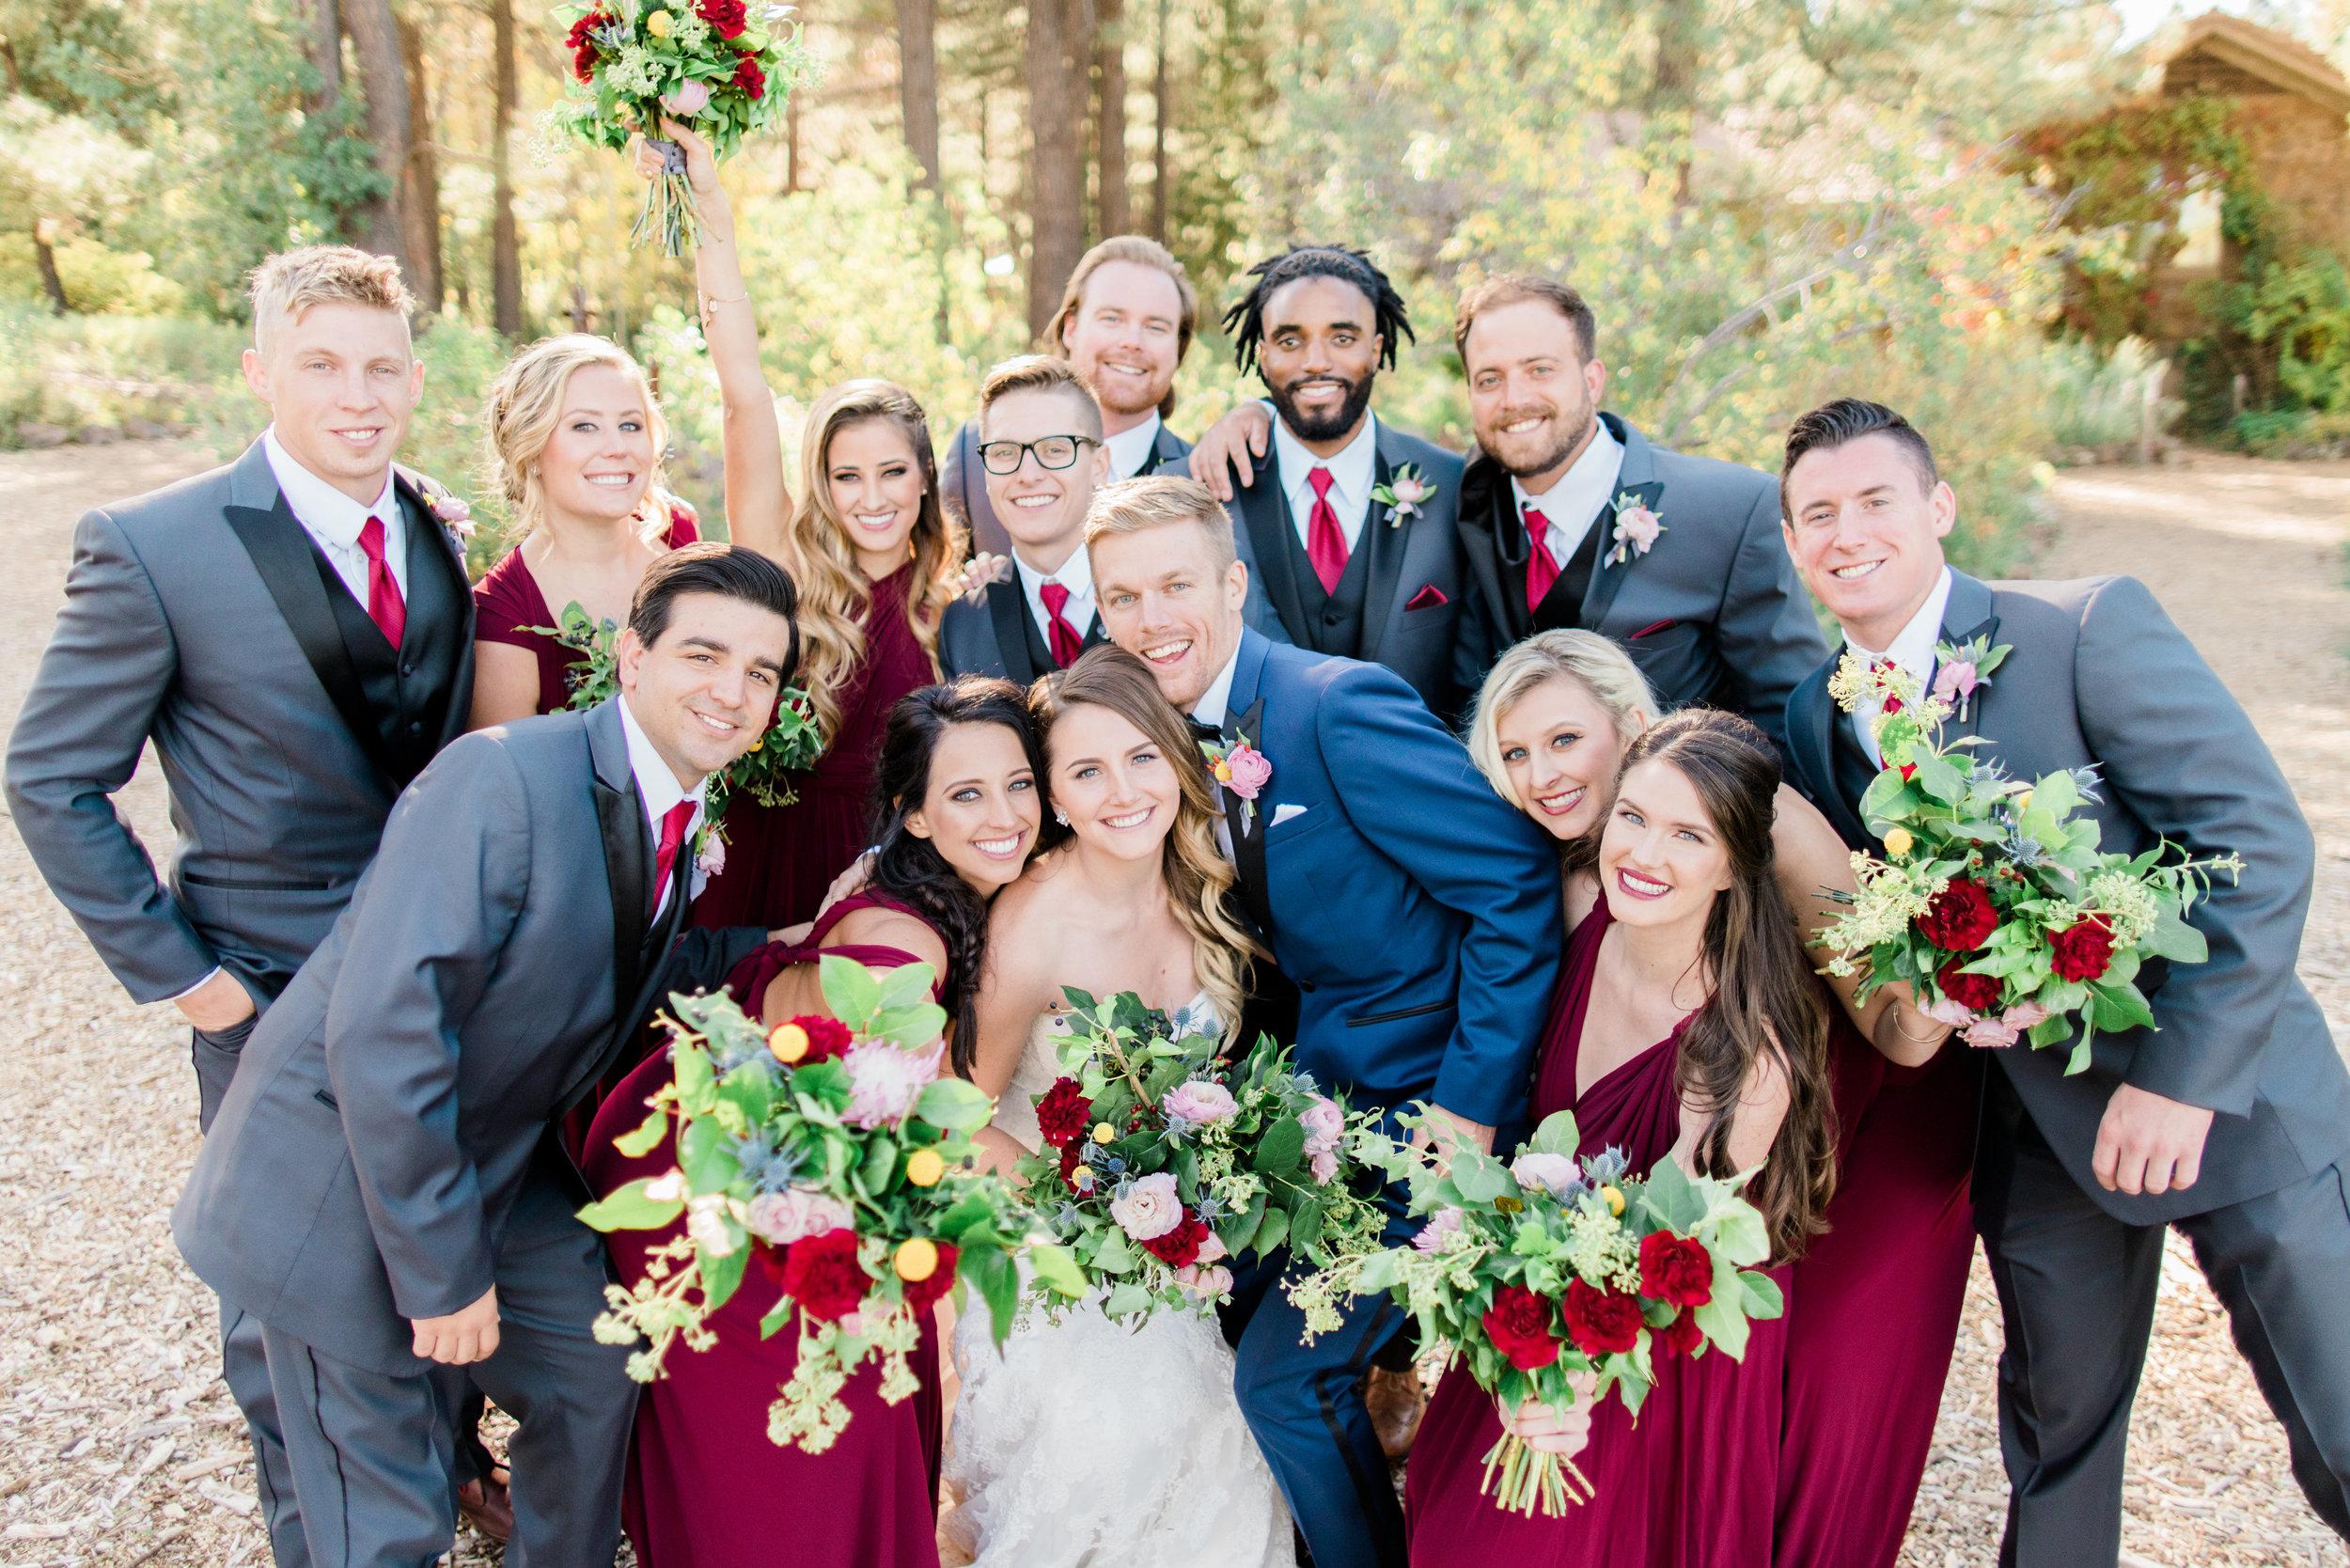 Flagstaff Forest Wedding - Wedding Party